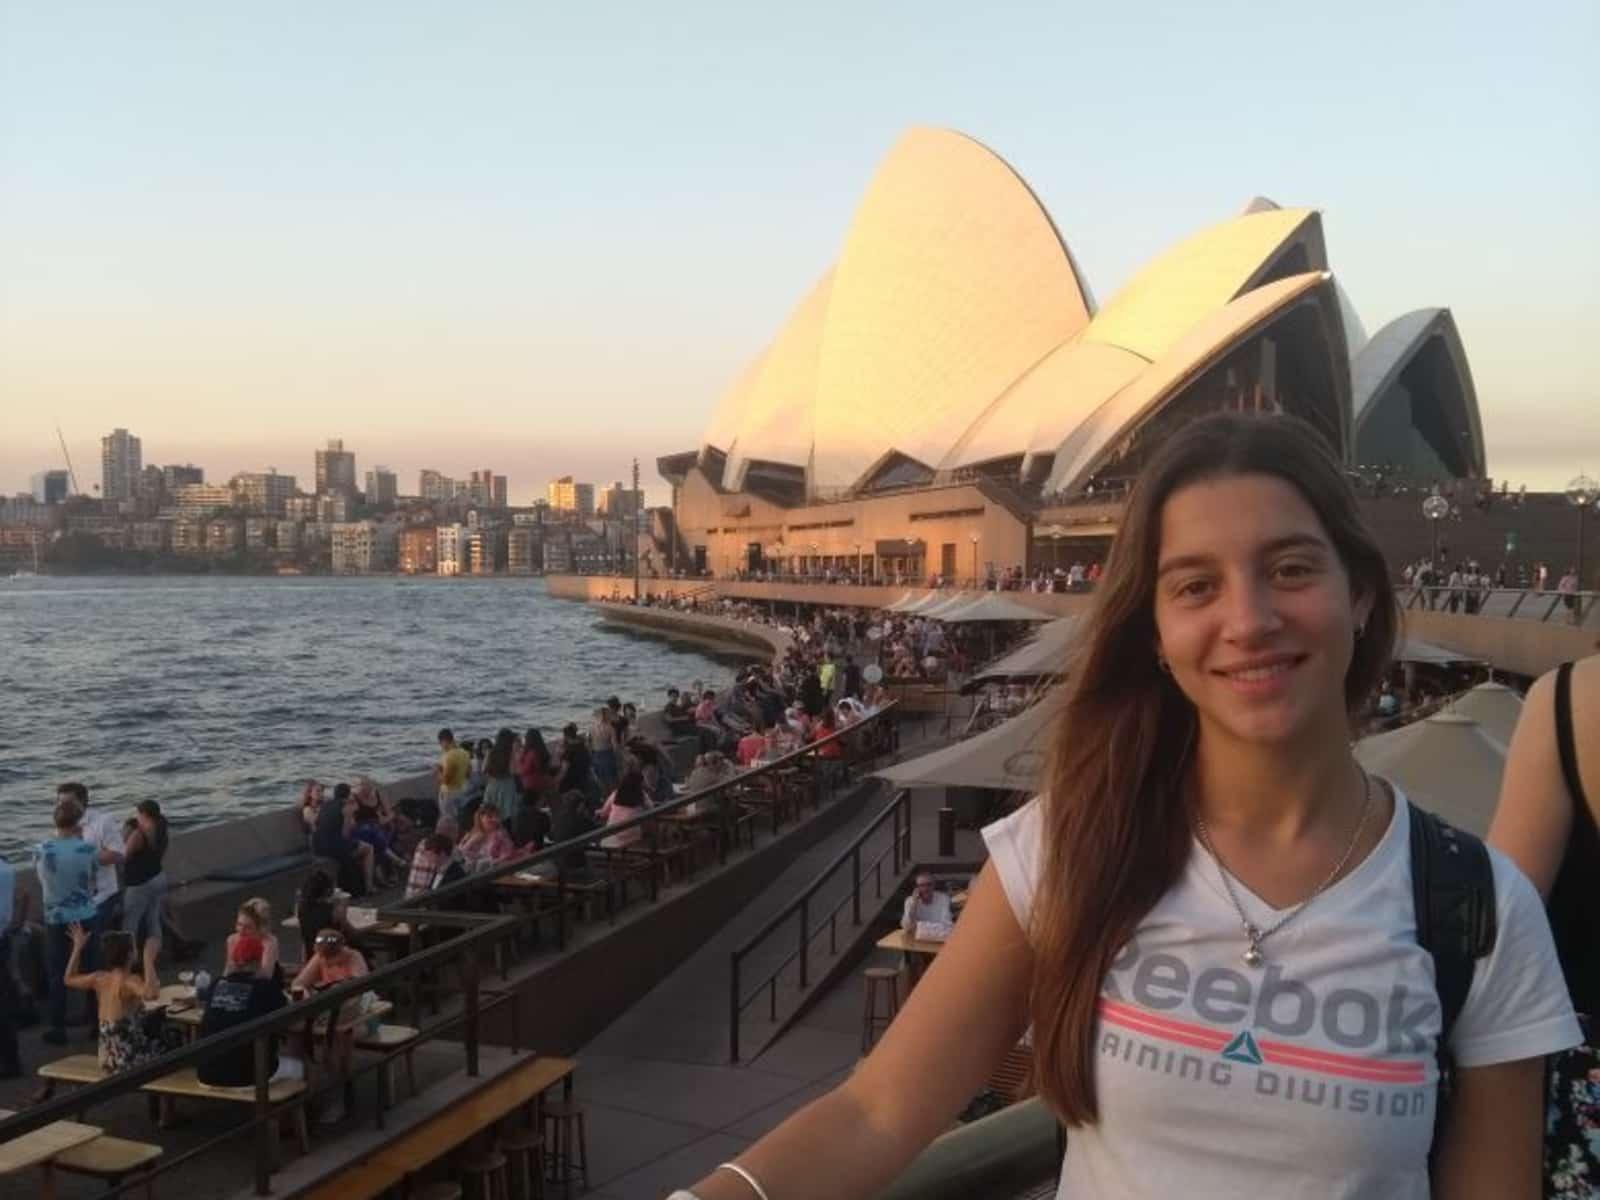 Giuliana from Sydney, New South Wales, Australia